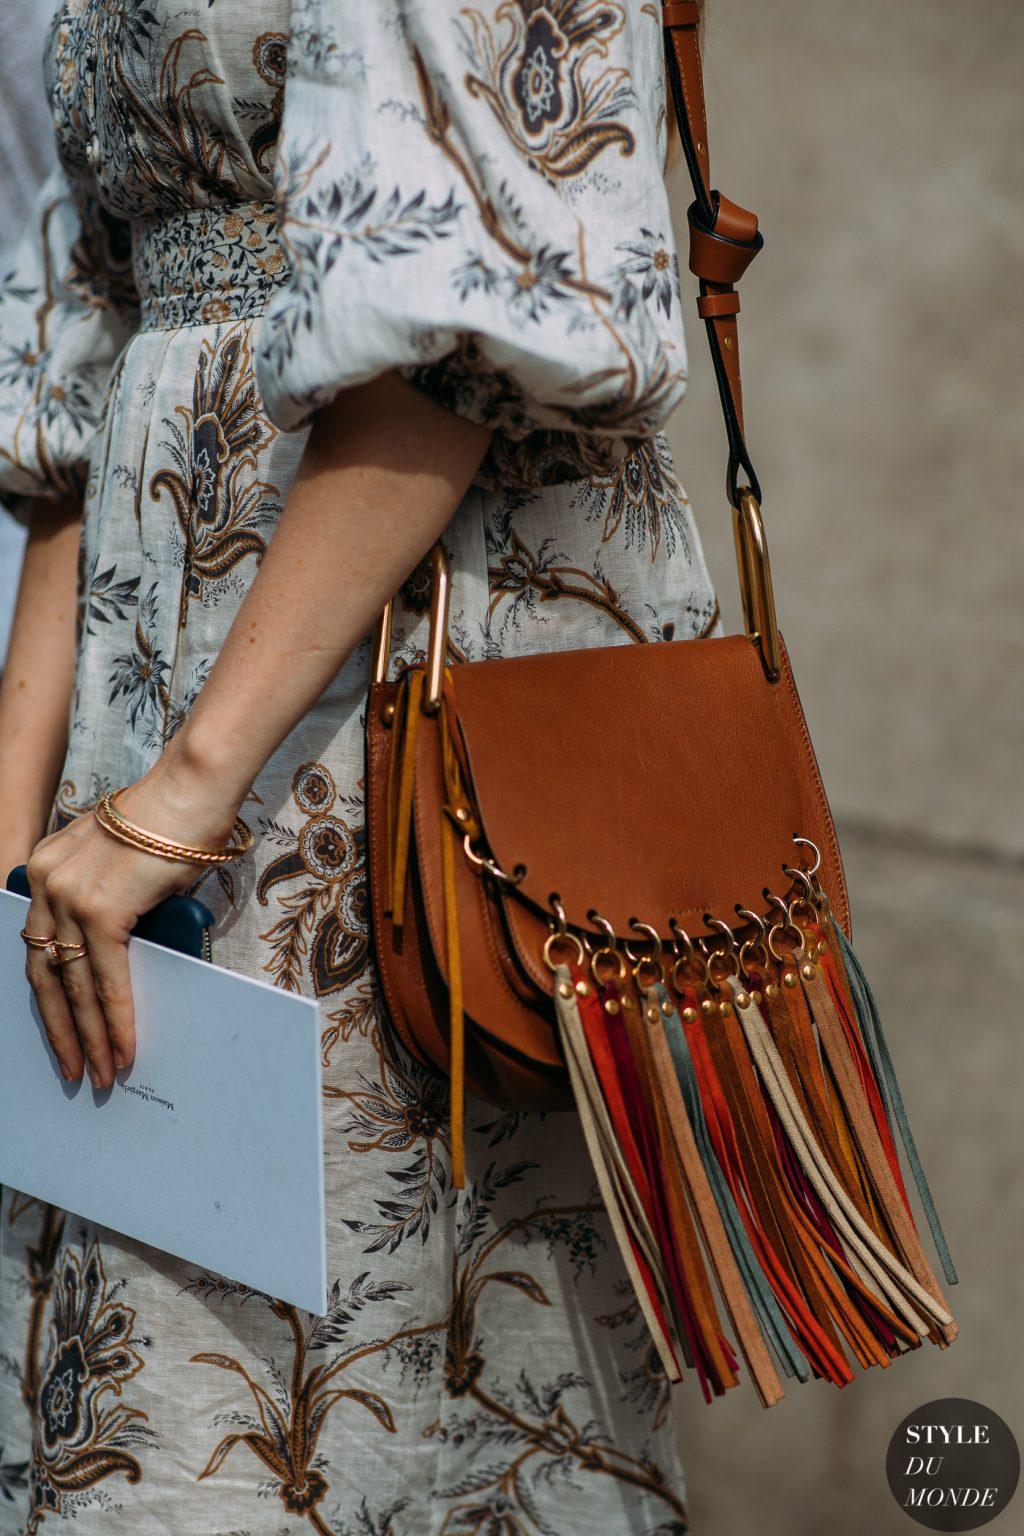 đầm họa tiết hoa, túi xách nâu tua rua nhiều màu sắc